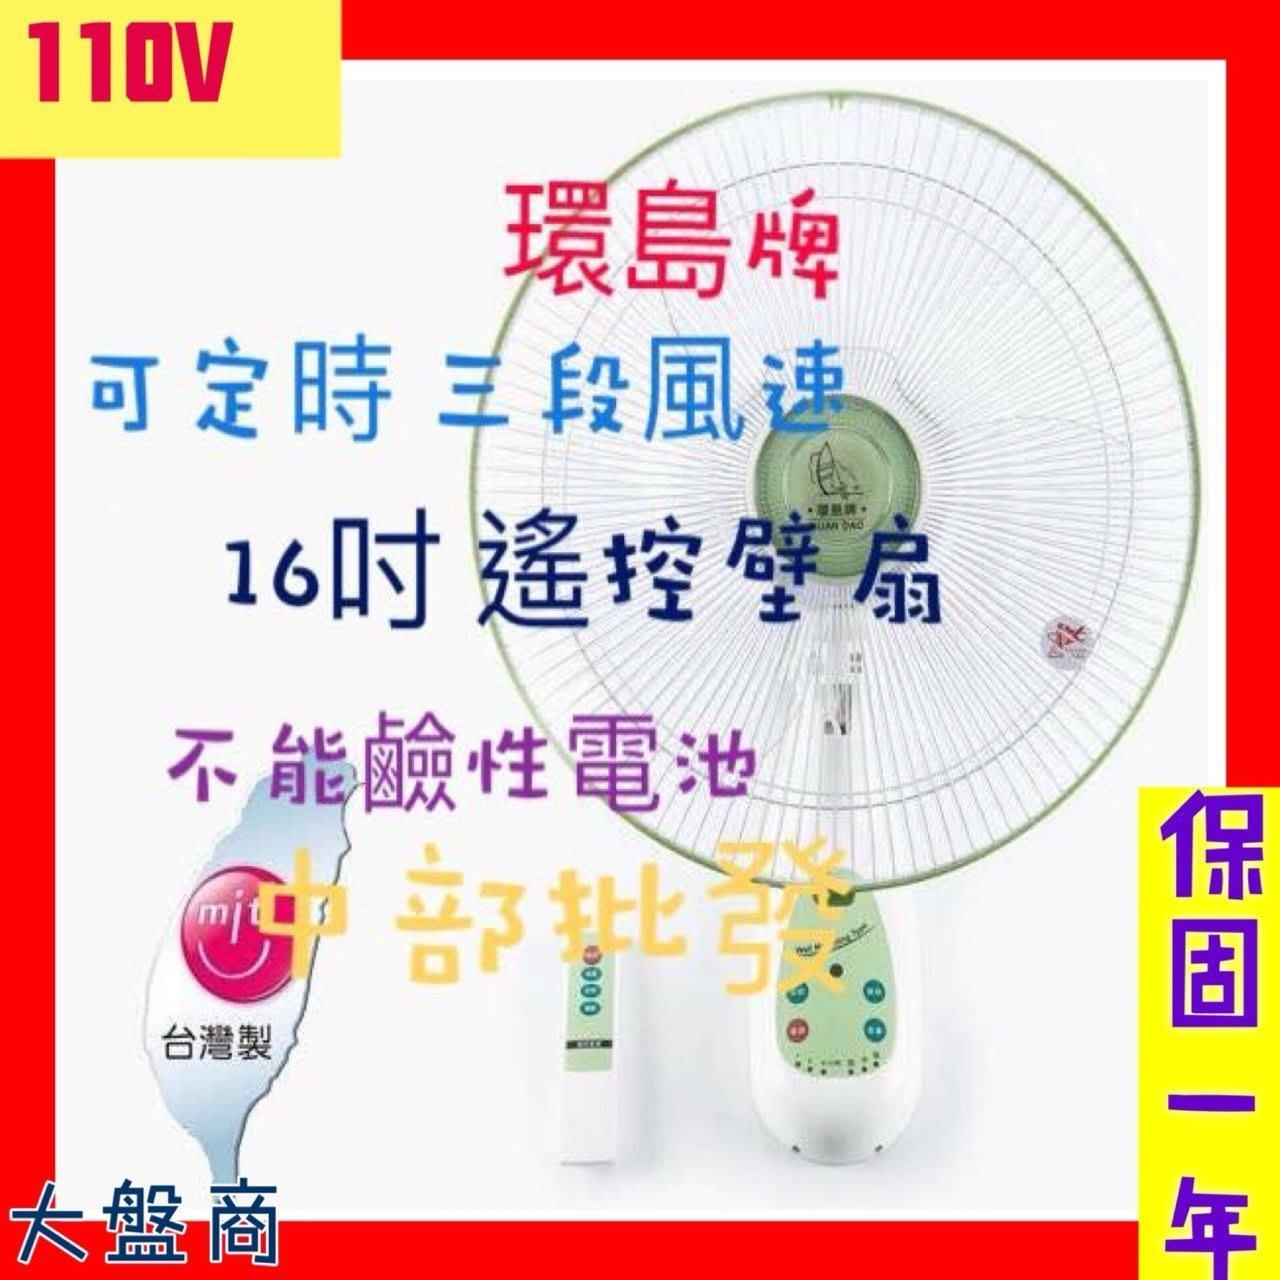 『中部批發』優佳麗 HY-3016R 16吋 遙控壁扇 家用壁扇 掛壁扇 太空扇 壁式通風扇 電風扇 壁掛扇 台灣製